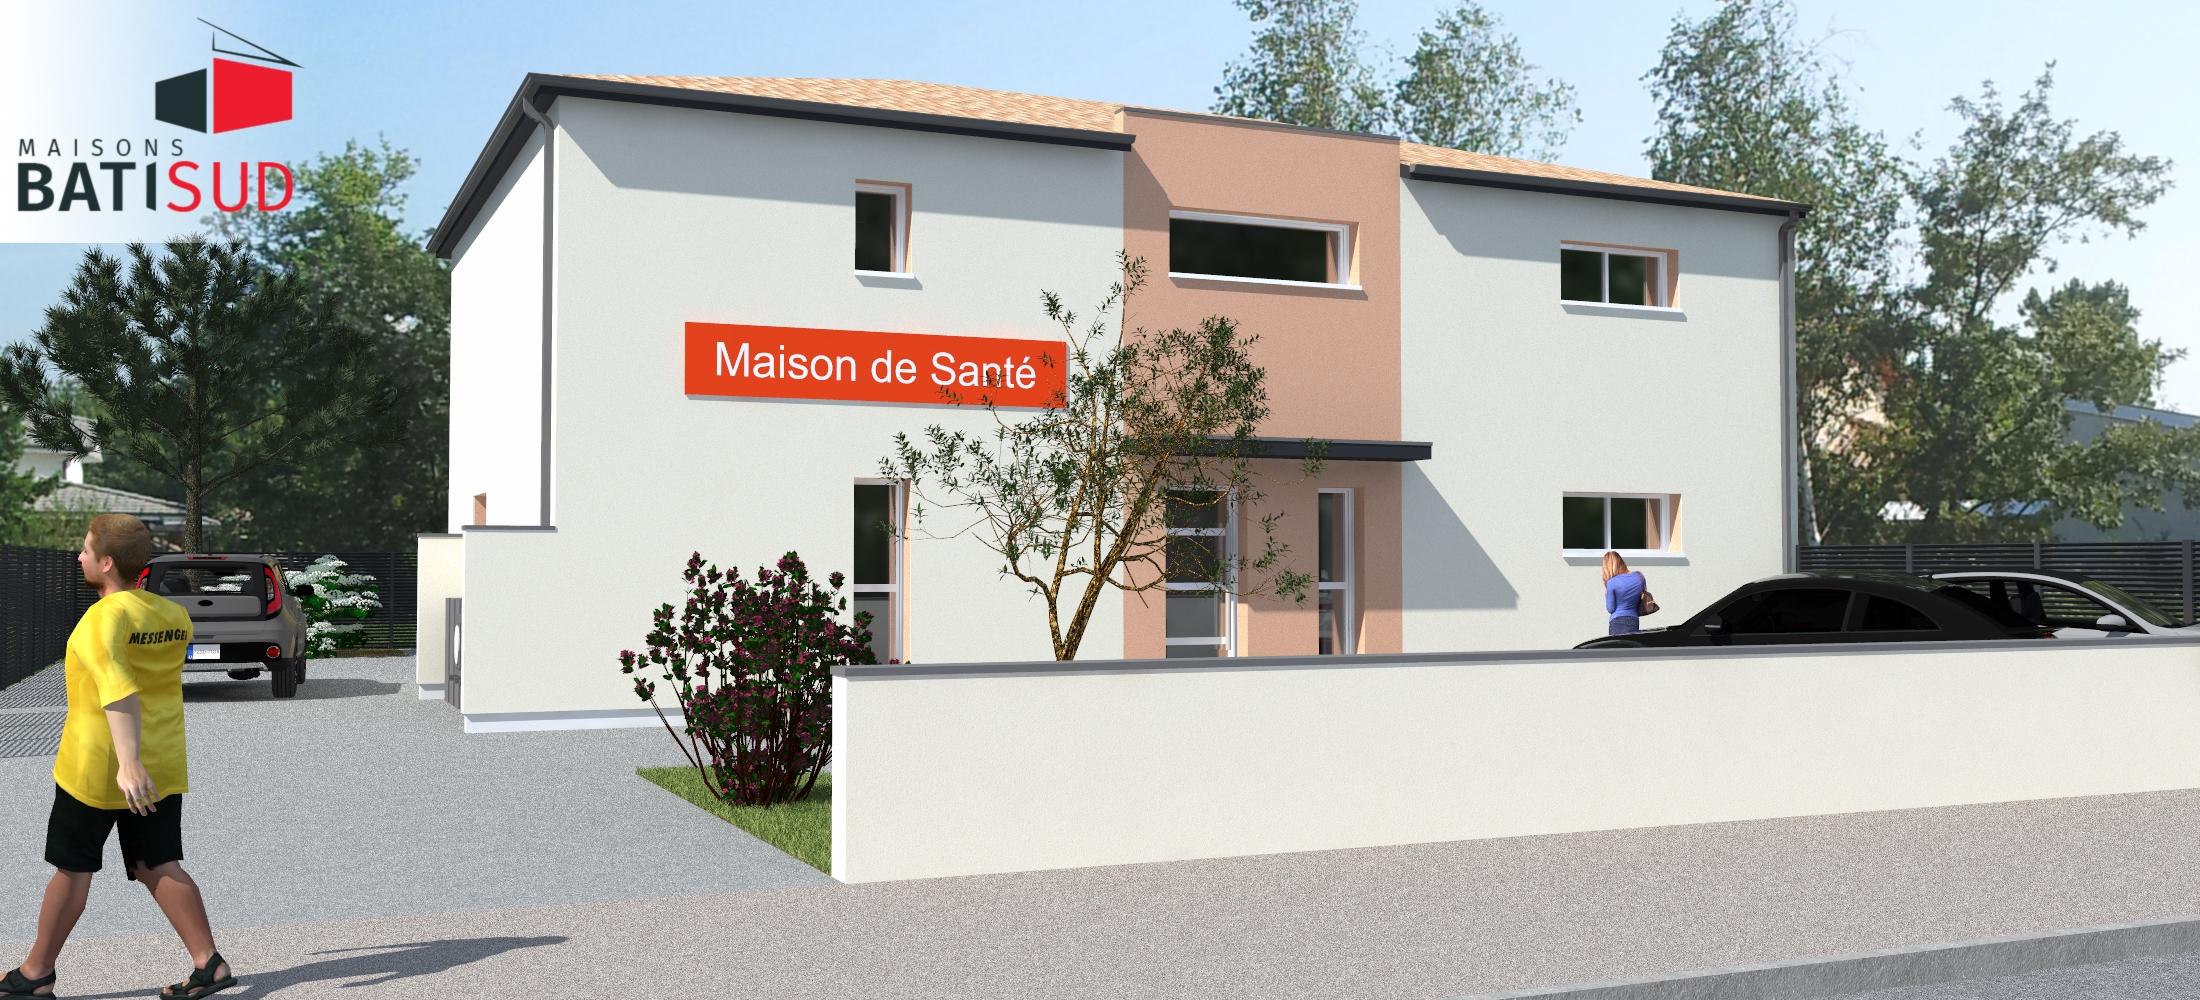 Maisons Bati Sud : Maison de santé pluridisciplinaire à Langon